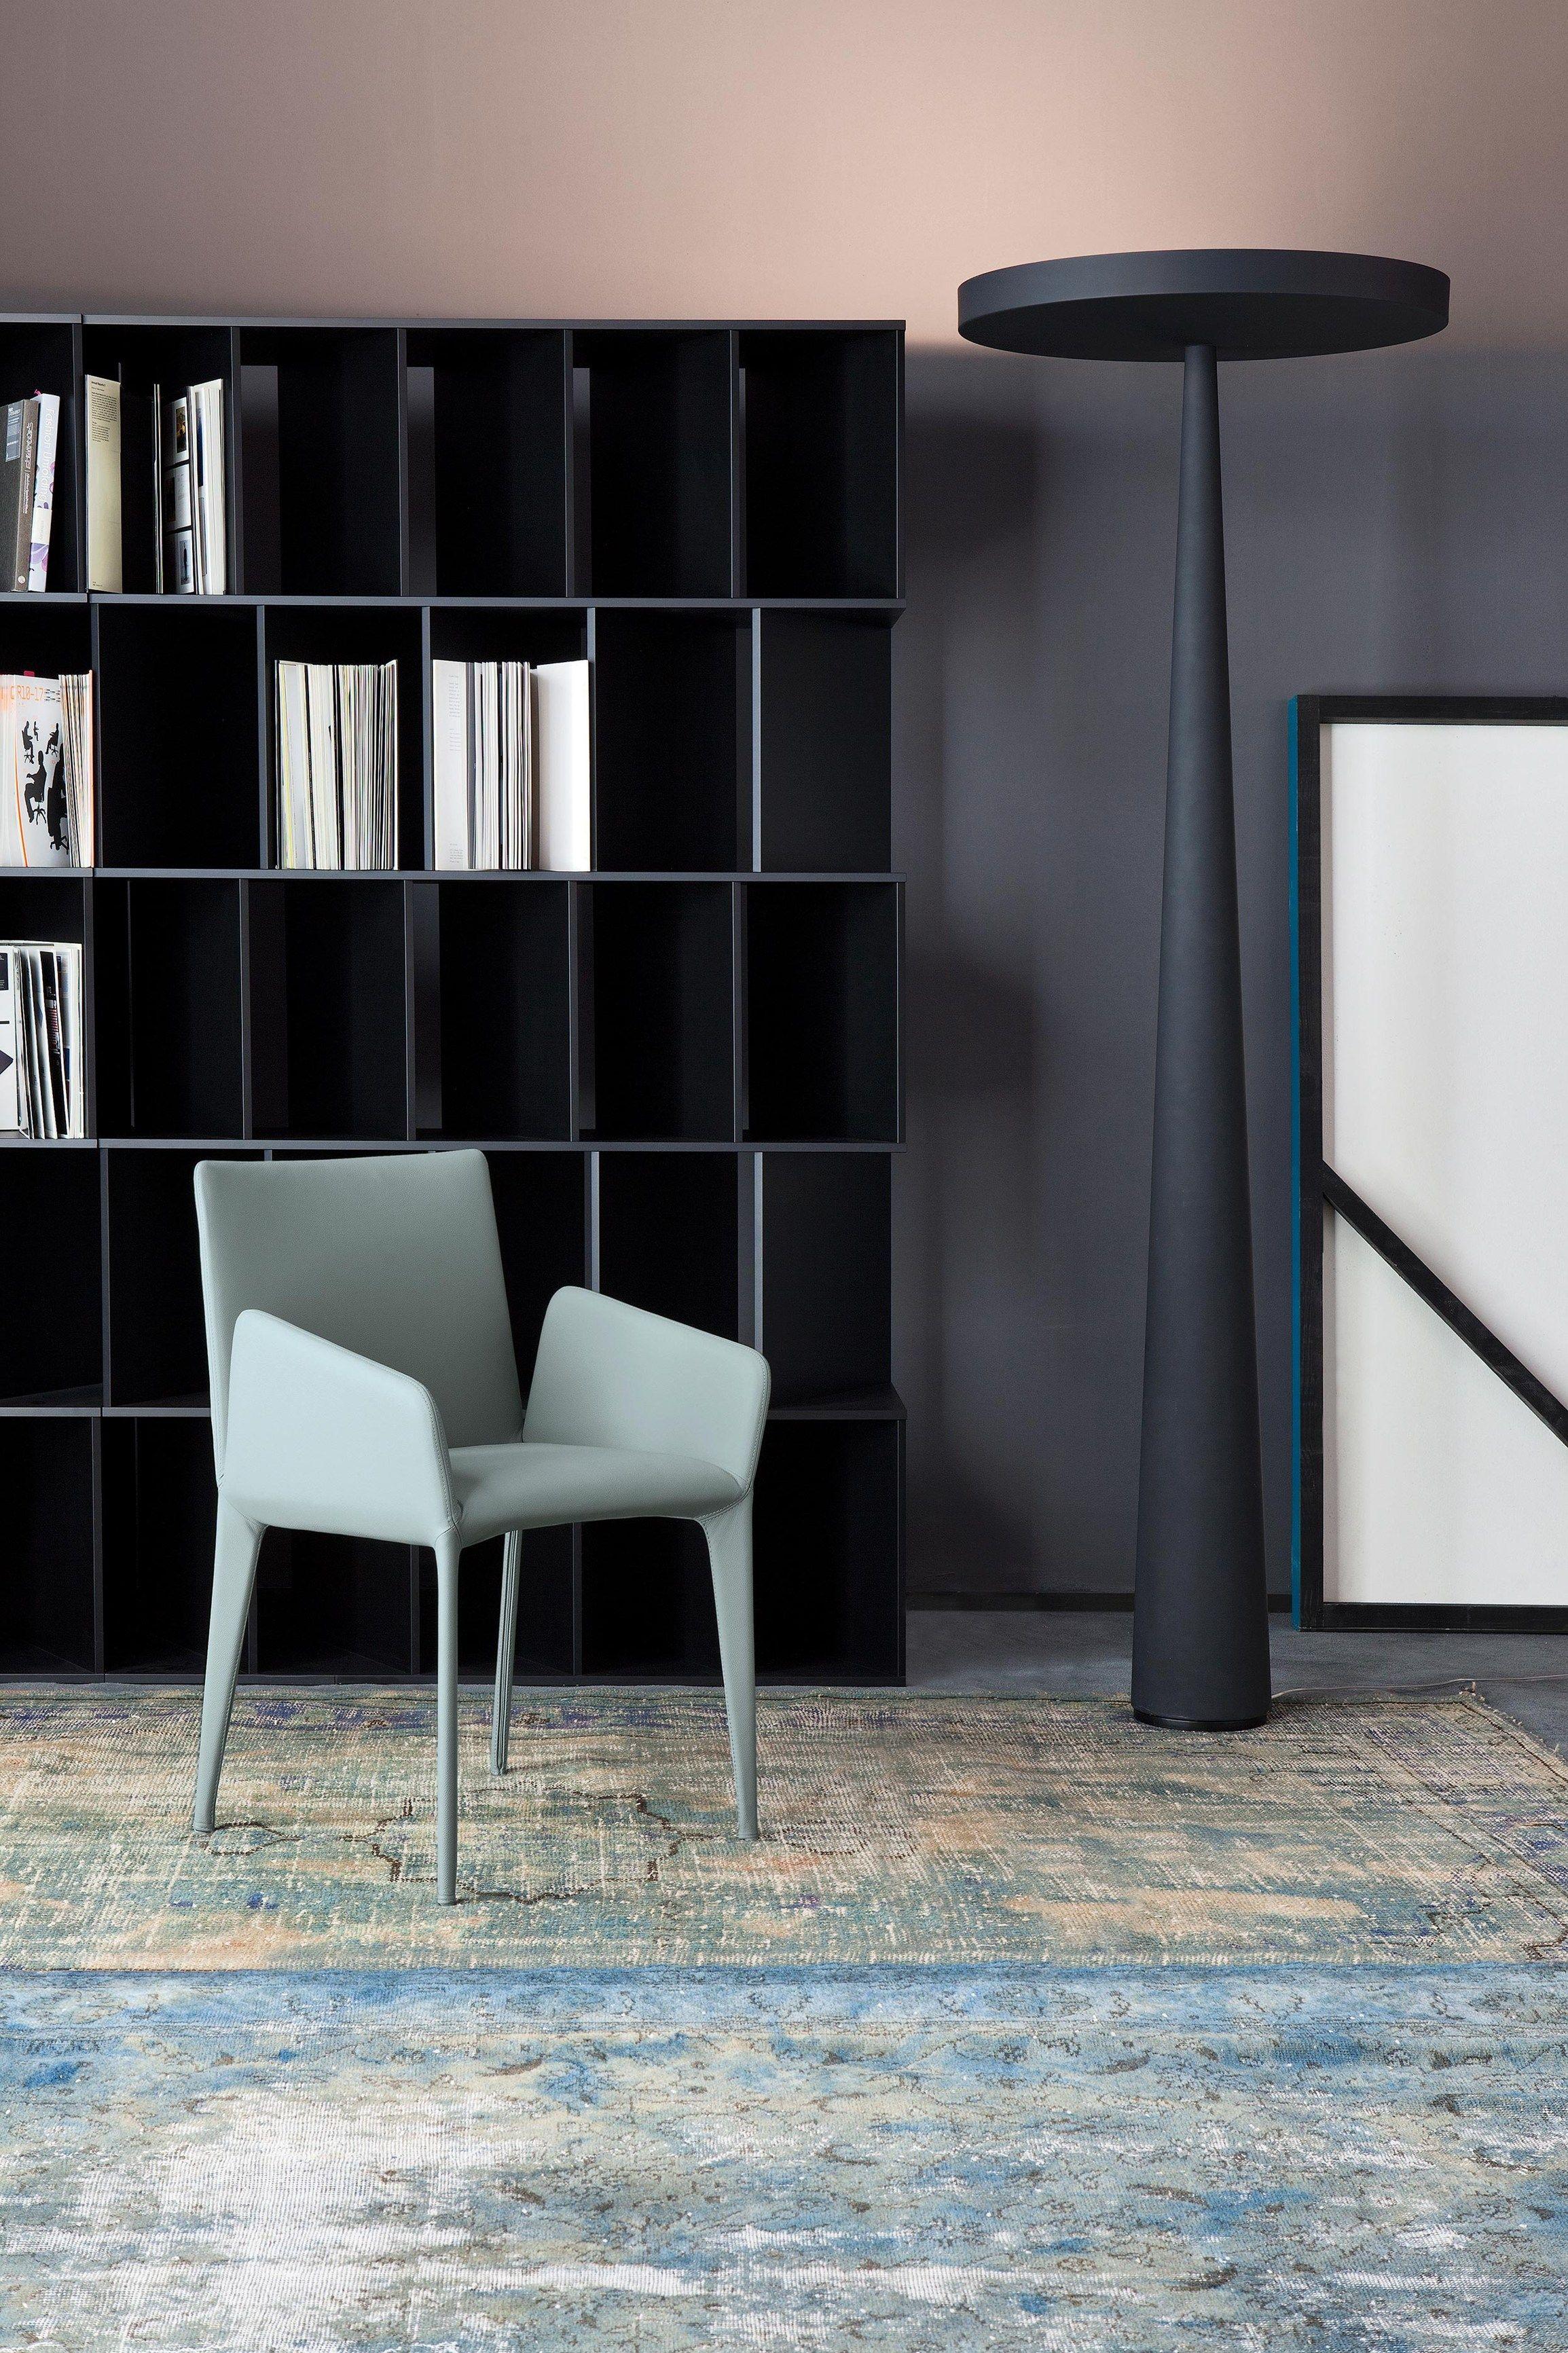 Chaise rembourrée avec revêtement amovible FILLY Collection Filly by Bonaldo | design Bartoli Design